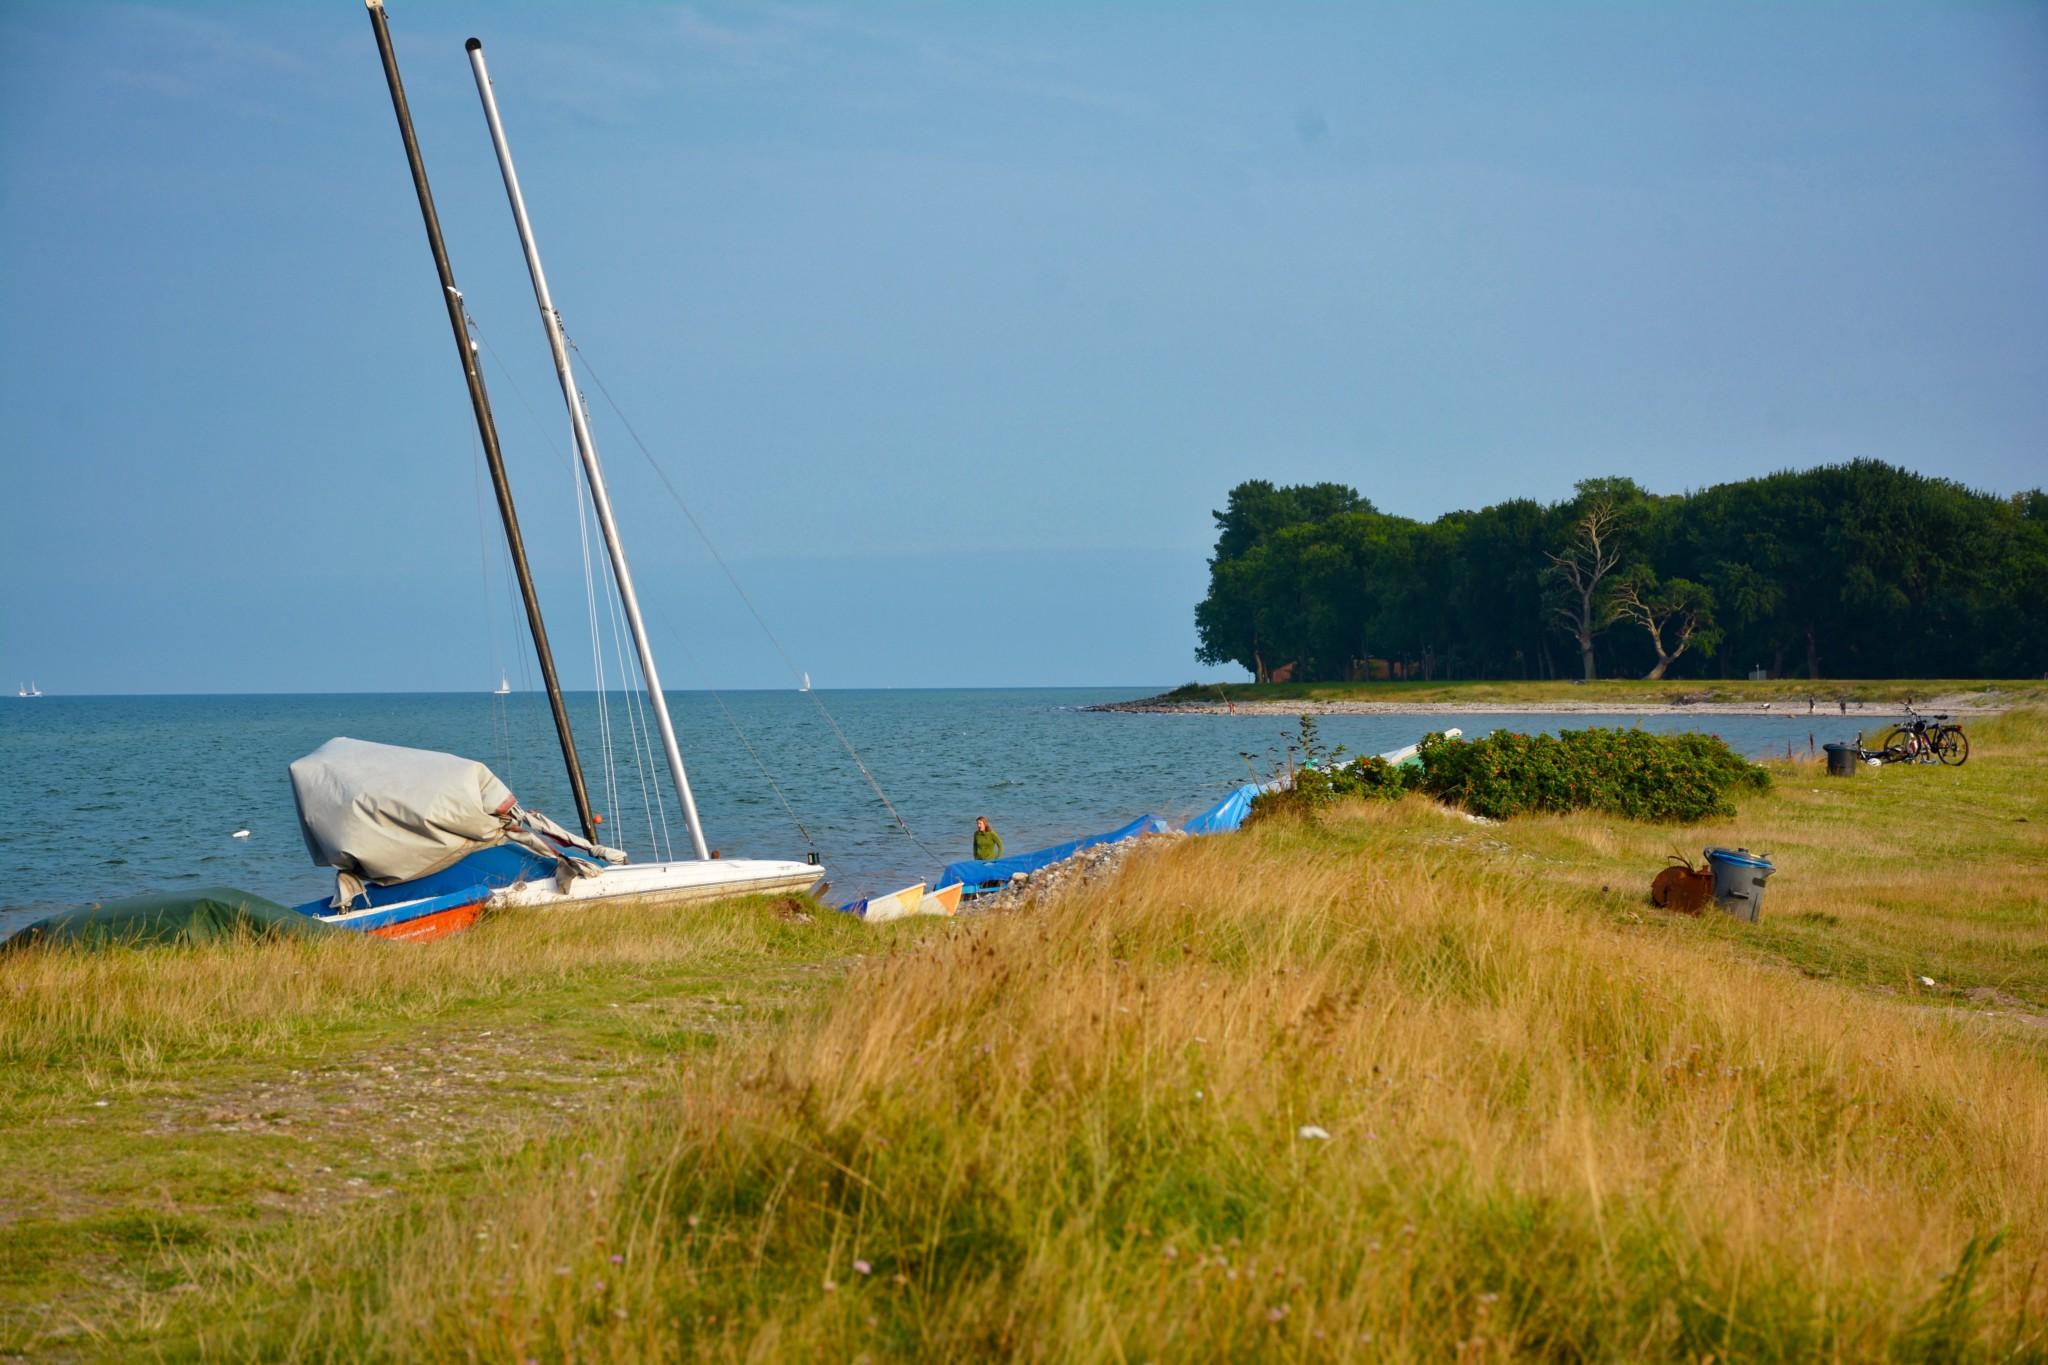 Strand an der Ostsee bei Kappeln